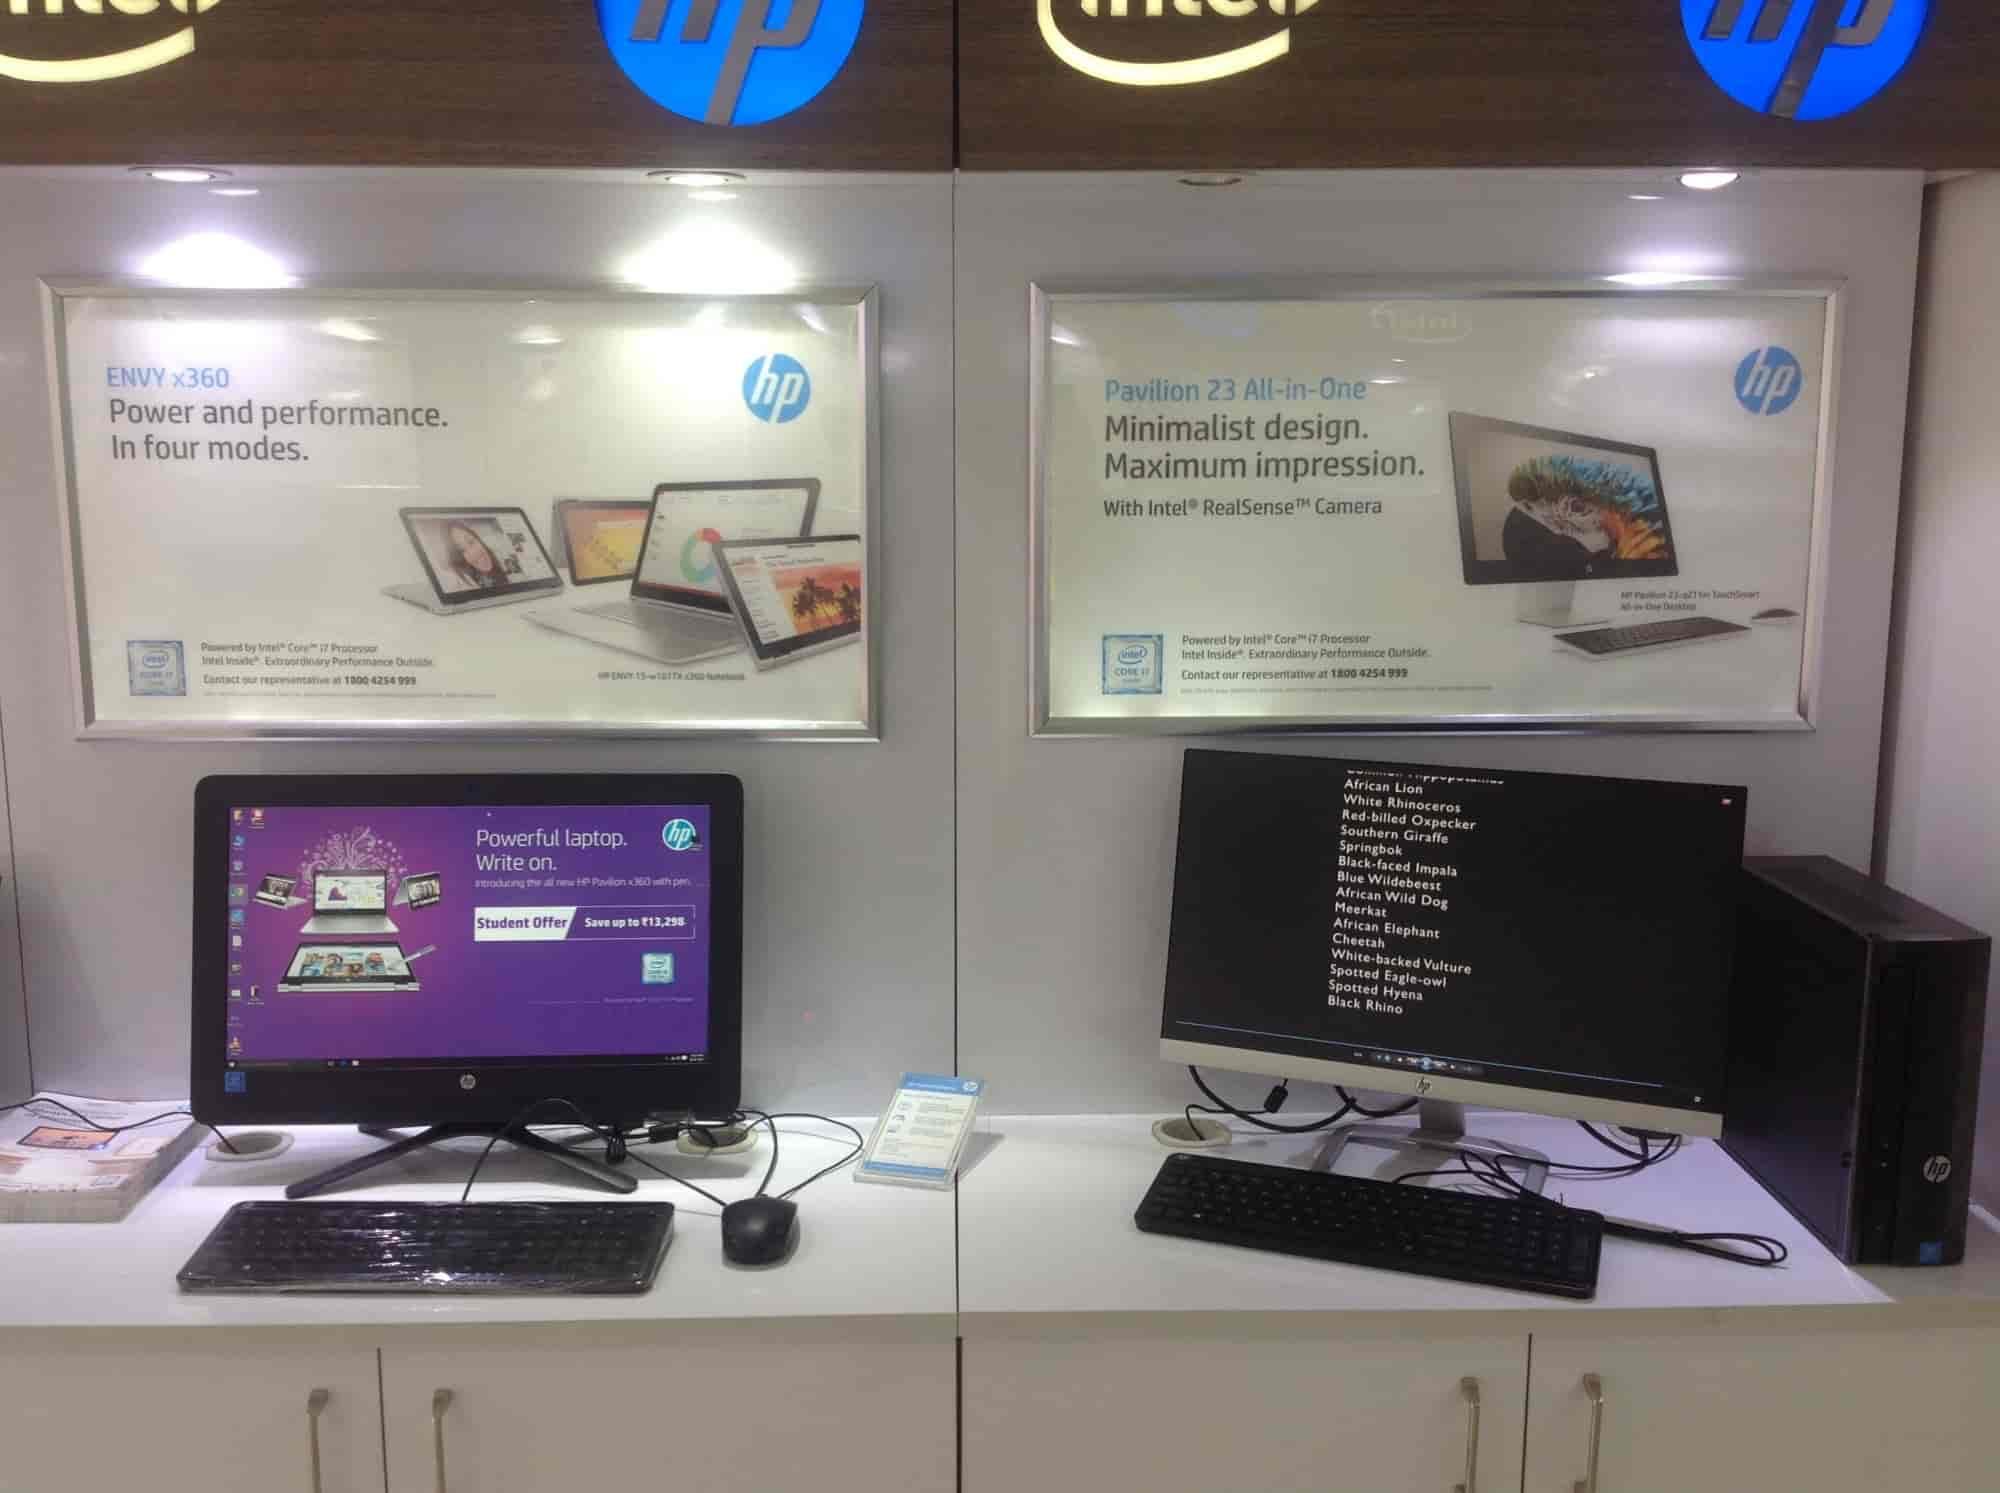 HP World, Porur - Computer Repair & Services in Chennai